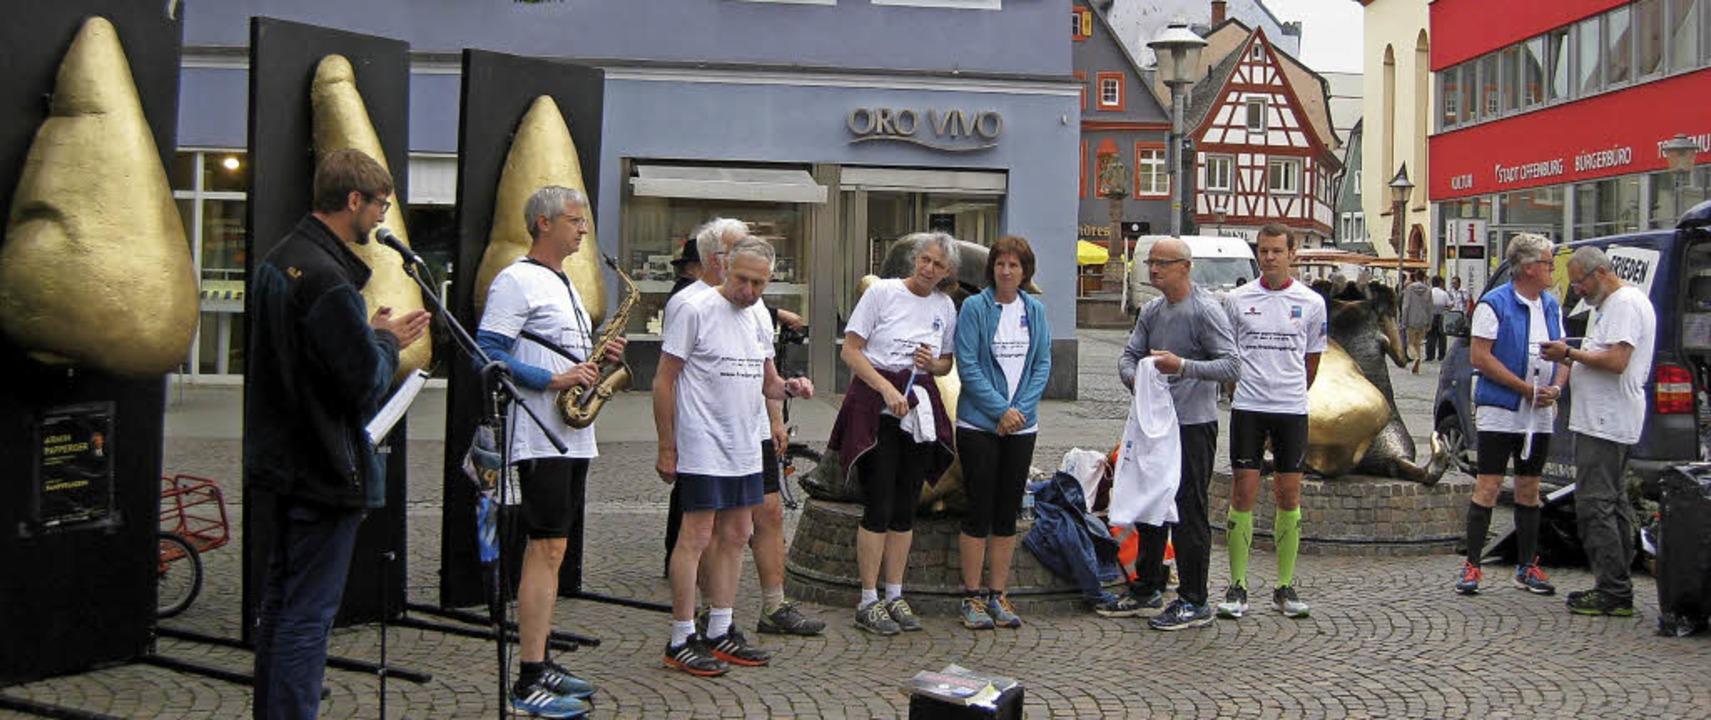 Mit tödlichen Waffen lässt sich eine g...porte protestieren, wie in Offenburg.   | Foto: Privat